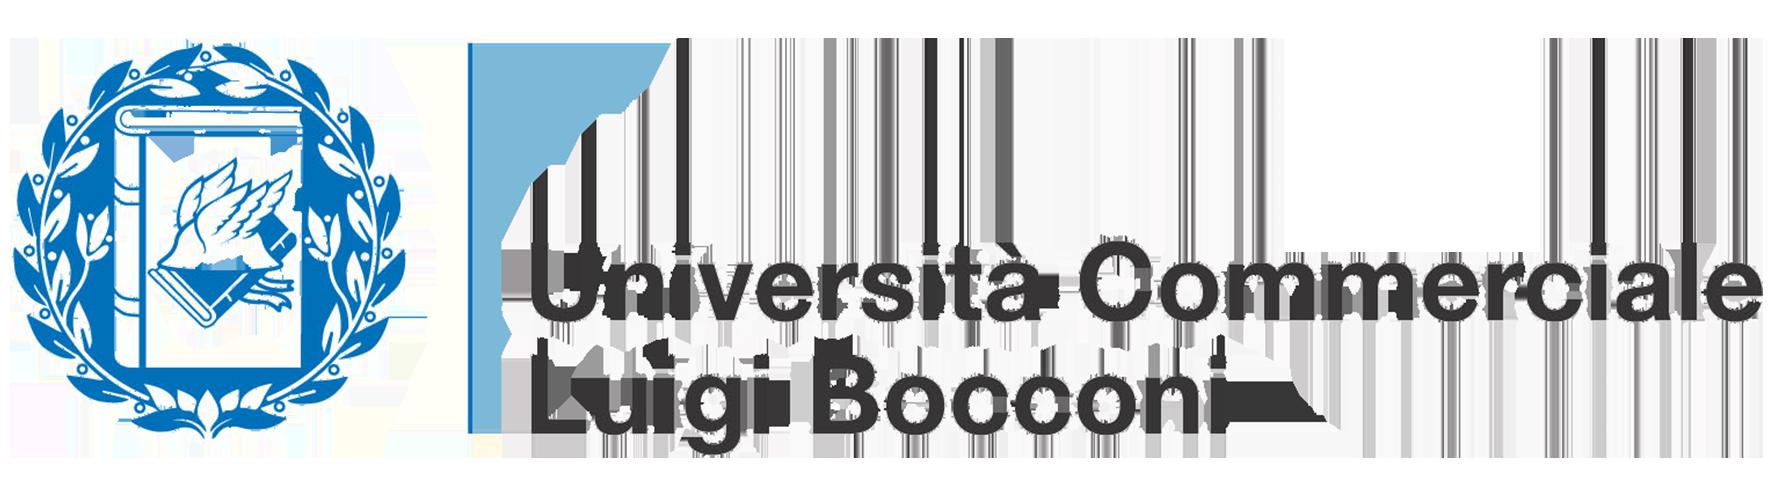 bocconi university fees